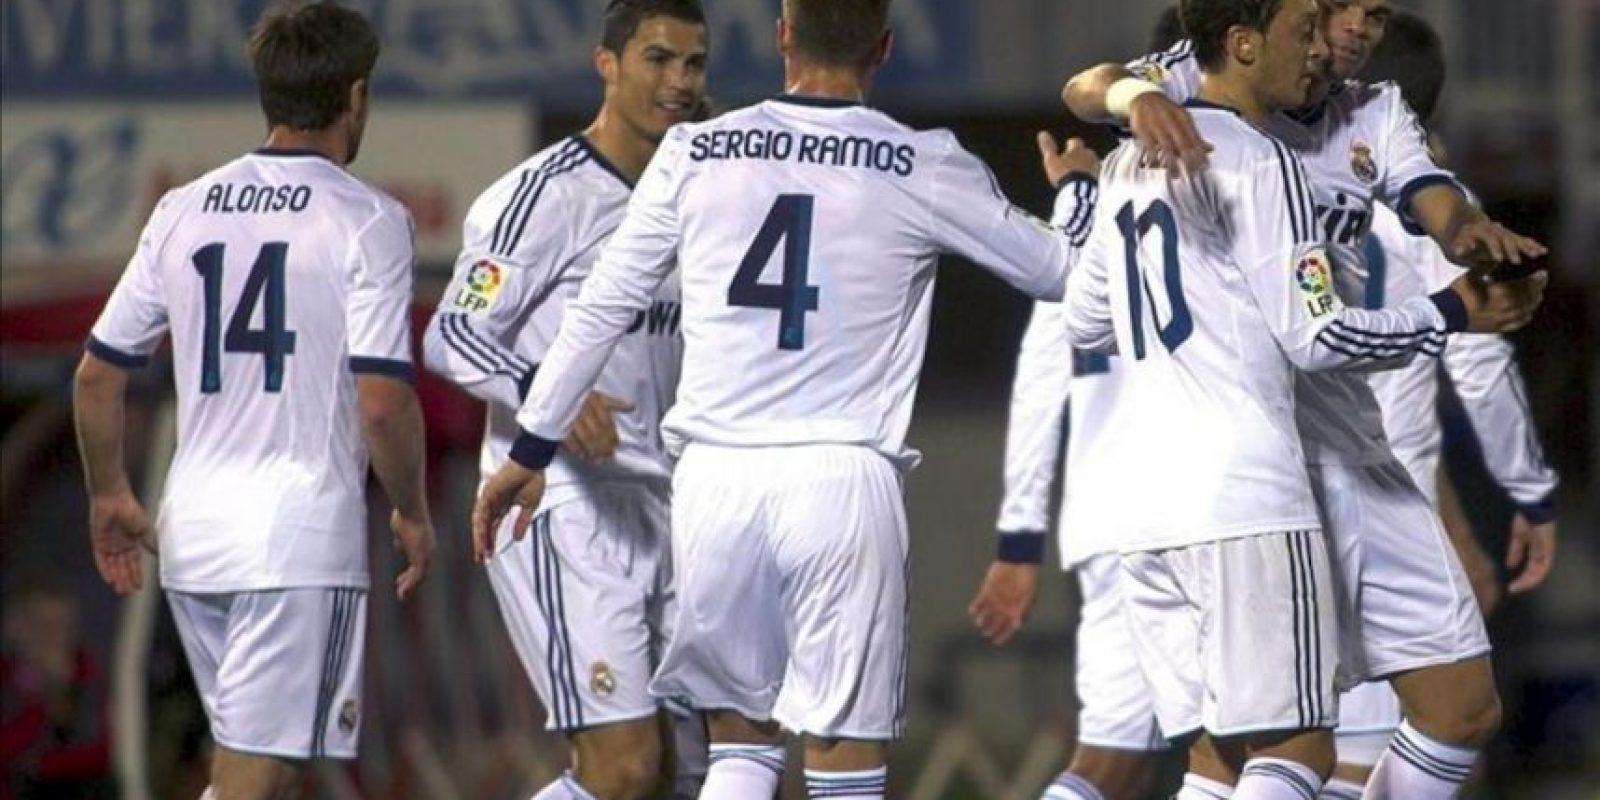 Los jugadores del Real Madrid celebran uno de sus goles durante el partido frente al Mallorca, correspondiente a la novena jornada de la Liga de Primera División disputado en el Iberostar Estadi de Palma. EFE